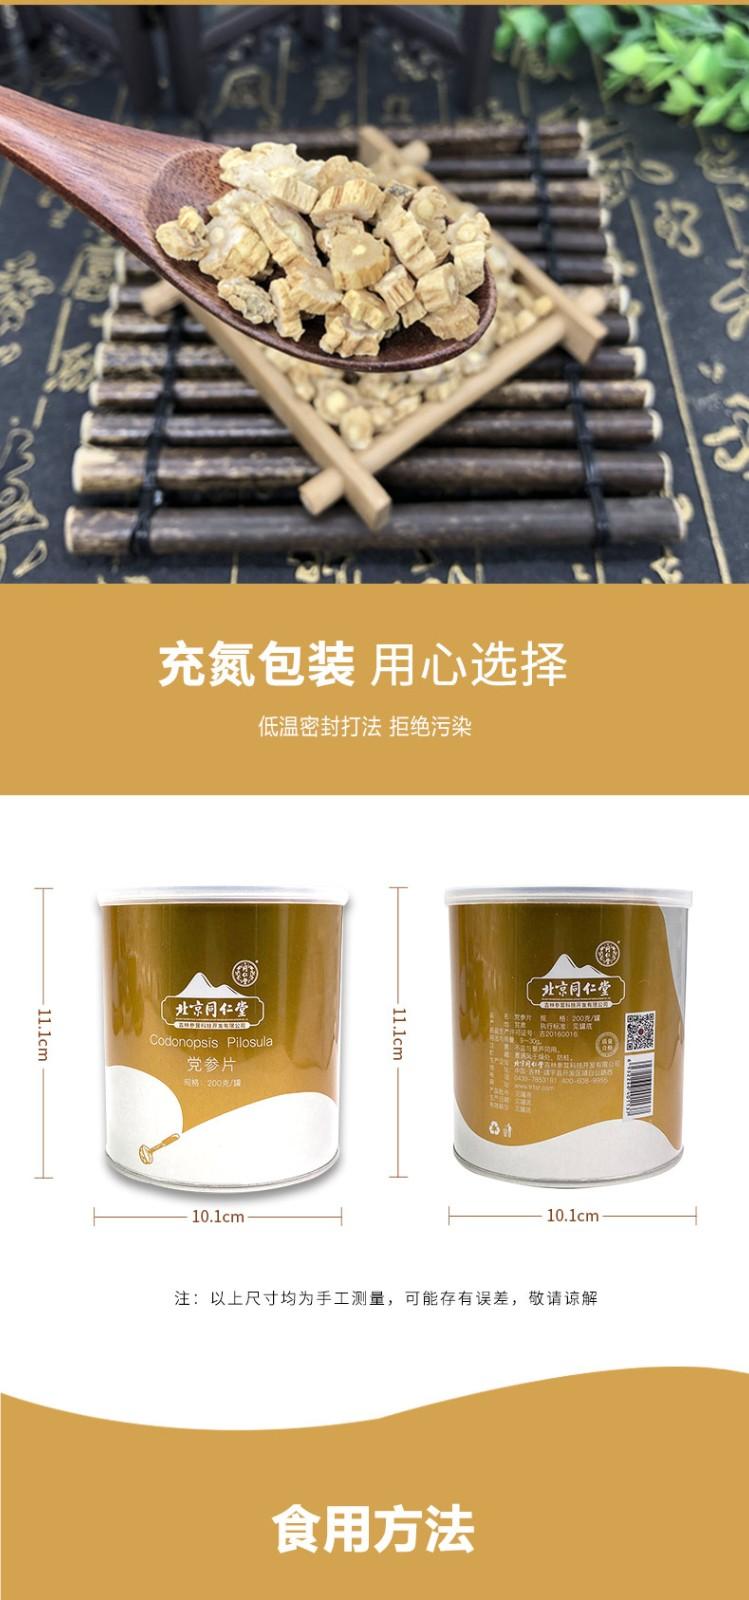 同仁堂 党参片 200g/罐 4